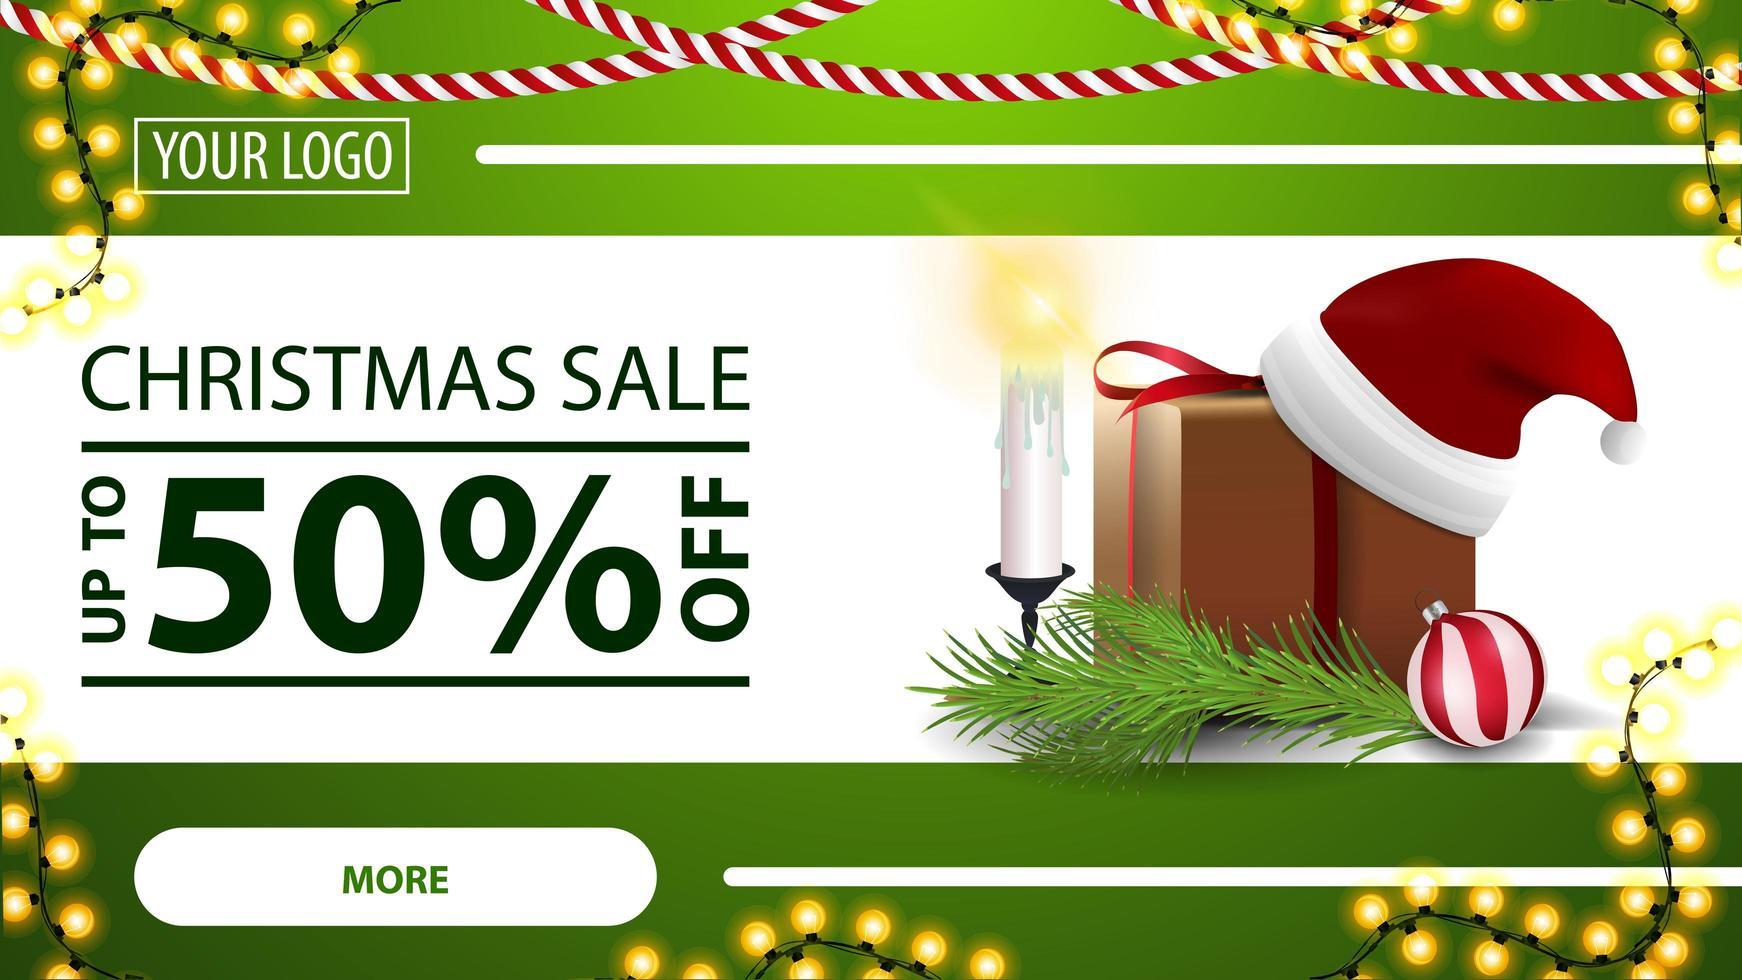 julförsäljning, upp till 50 rabatt, grön horisontell modern webbbanner med knapp, krans, gåva med jultomtenhatt, ljus, julgran och julboll vektor